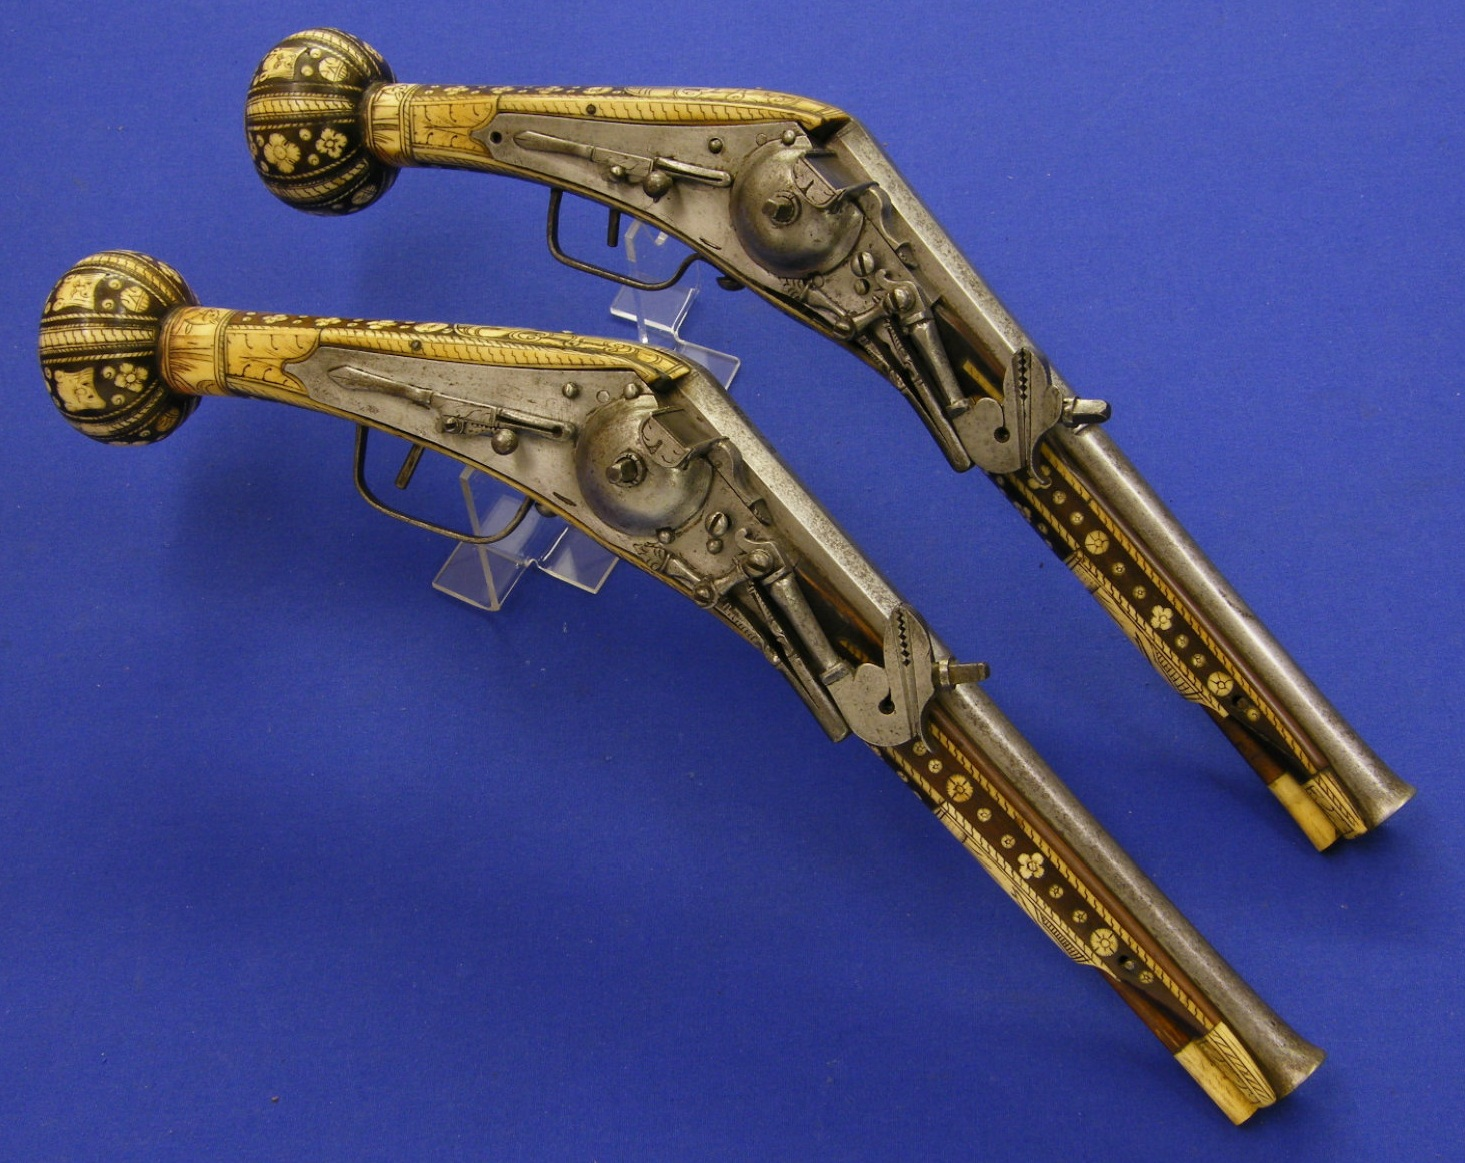 Wheellock Pistols - Puffers